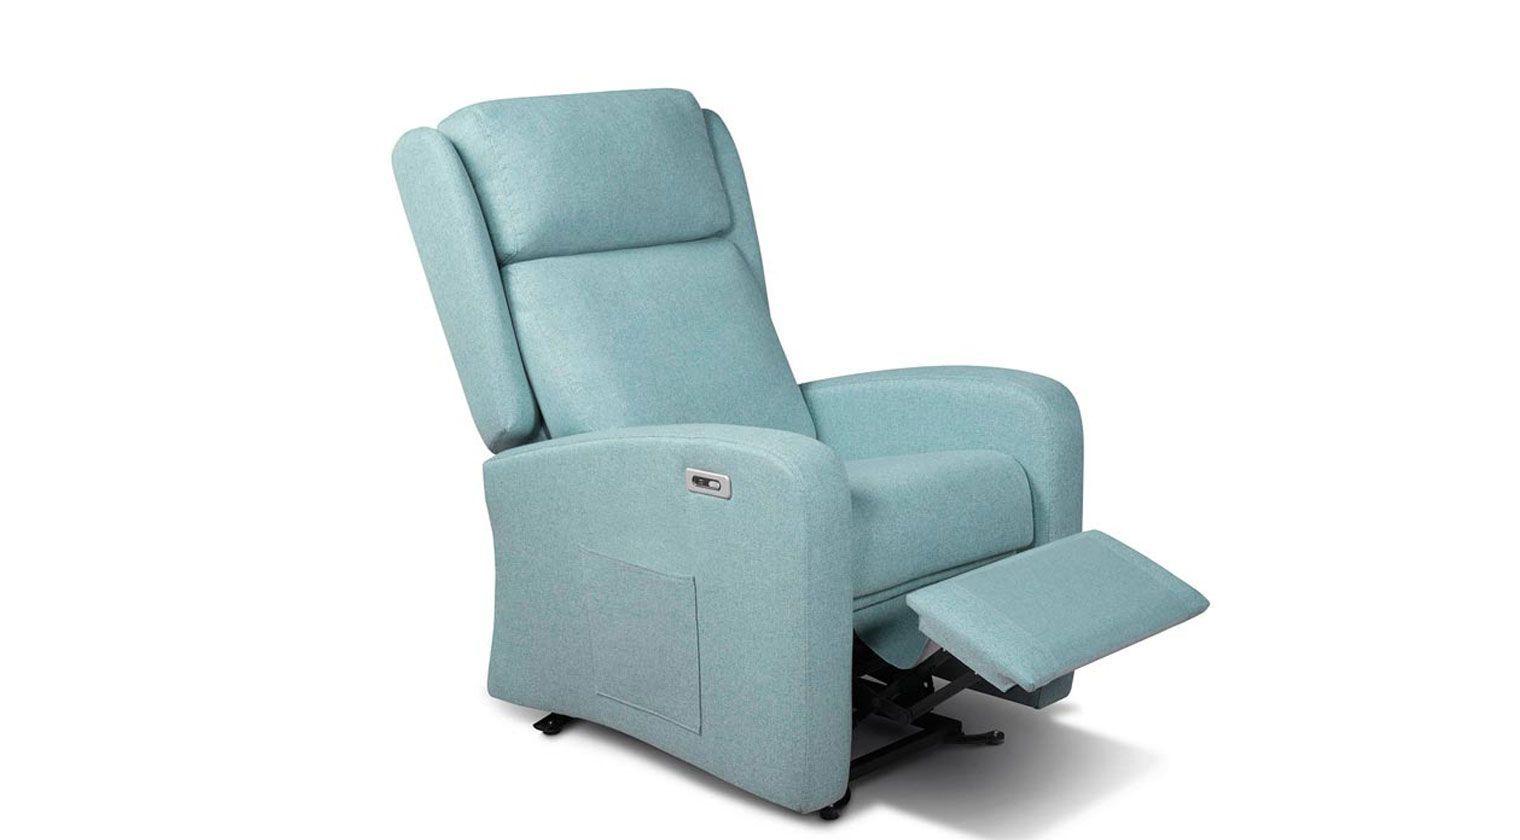 Sillones de descanso y relax sof relax piel lugo with - Sillones de descanso ...